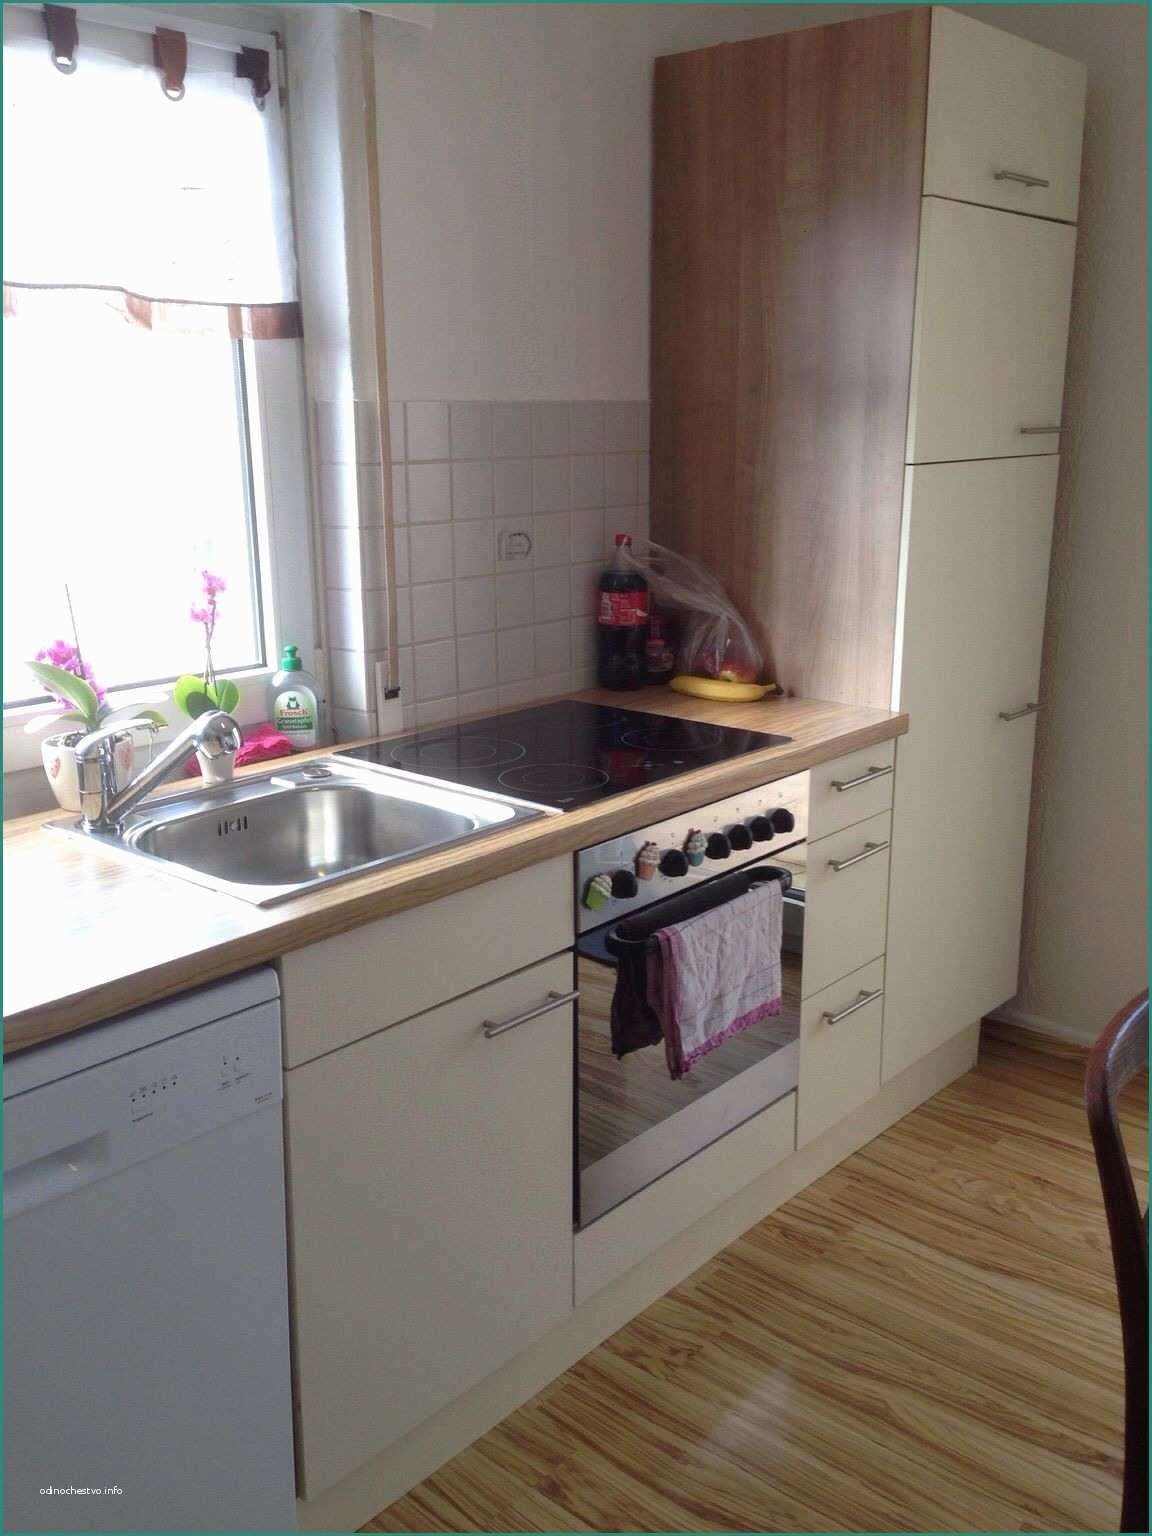 Full Size of Pino Küchenzeile Kche Gelb Und Gelbe Kchenzeile Trendy Kuchenzeile Hochglanz Pinolino Bett Küche Wohnzimmer Pino Küchenzeile